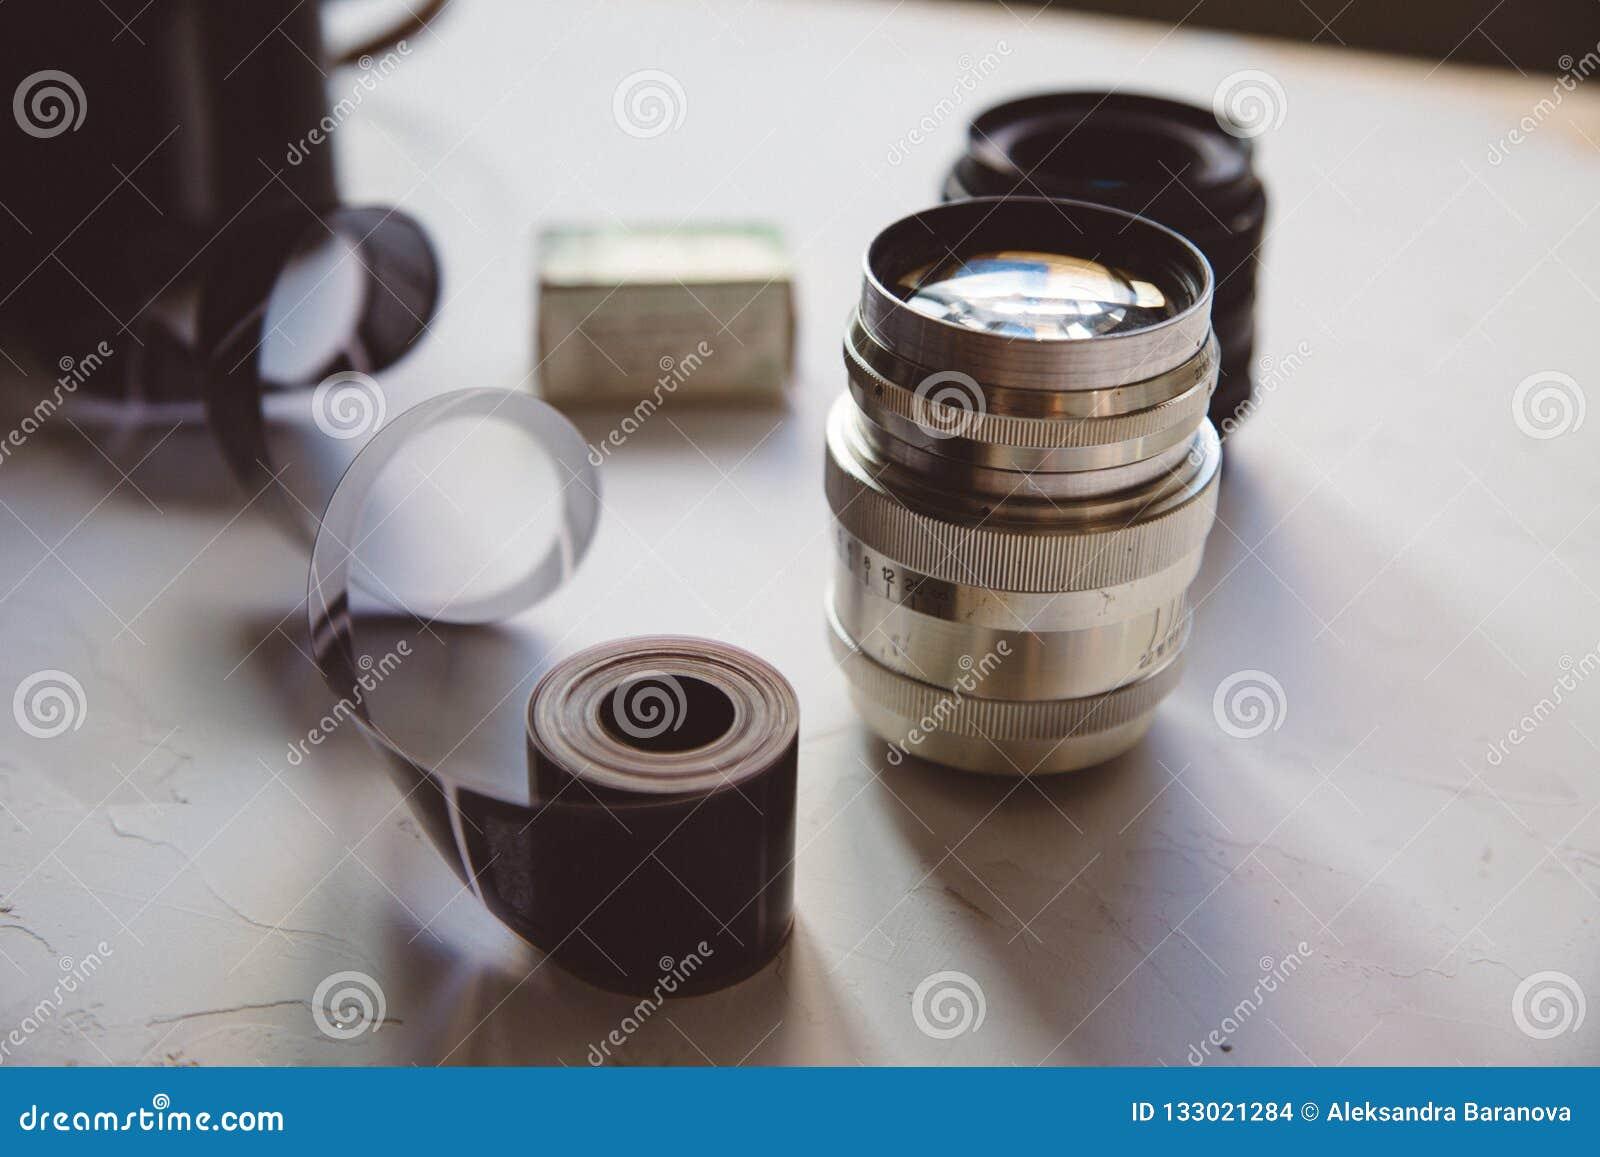 εκλεκτής ποιότητας κάμερα, ταινία, αναδρομικοί φακοί στον άσπρο πίνακα, διάστημα αντιγράφων